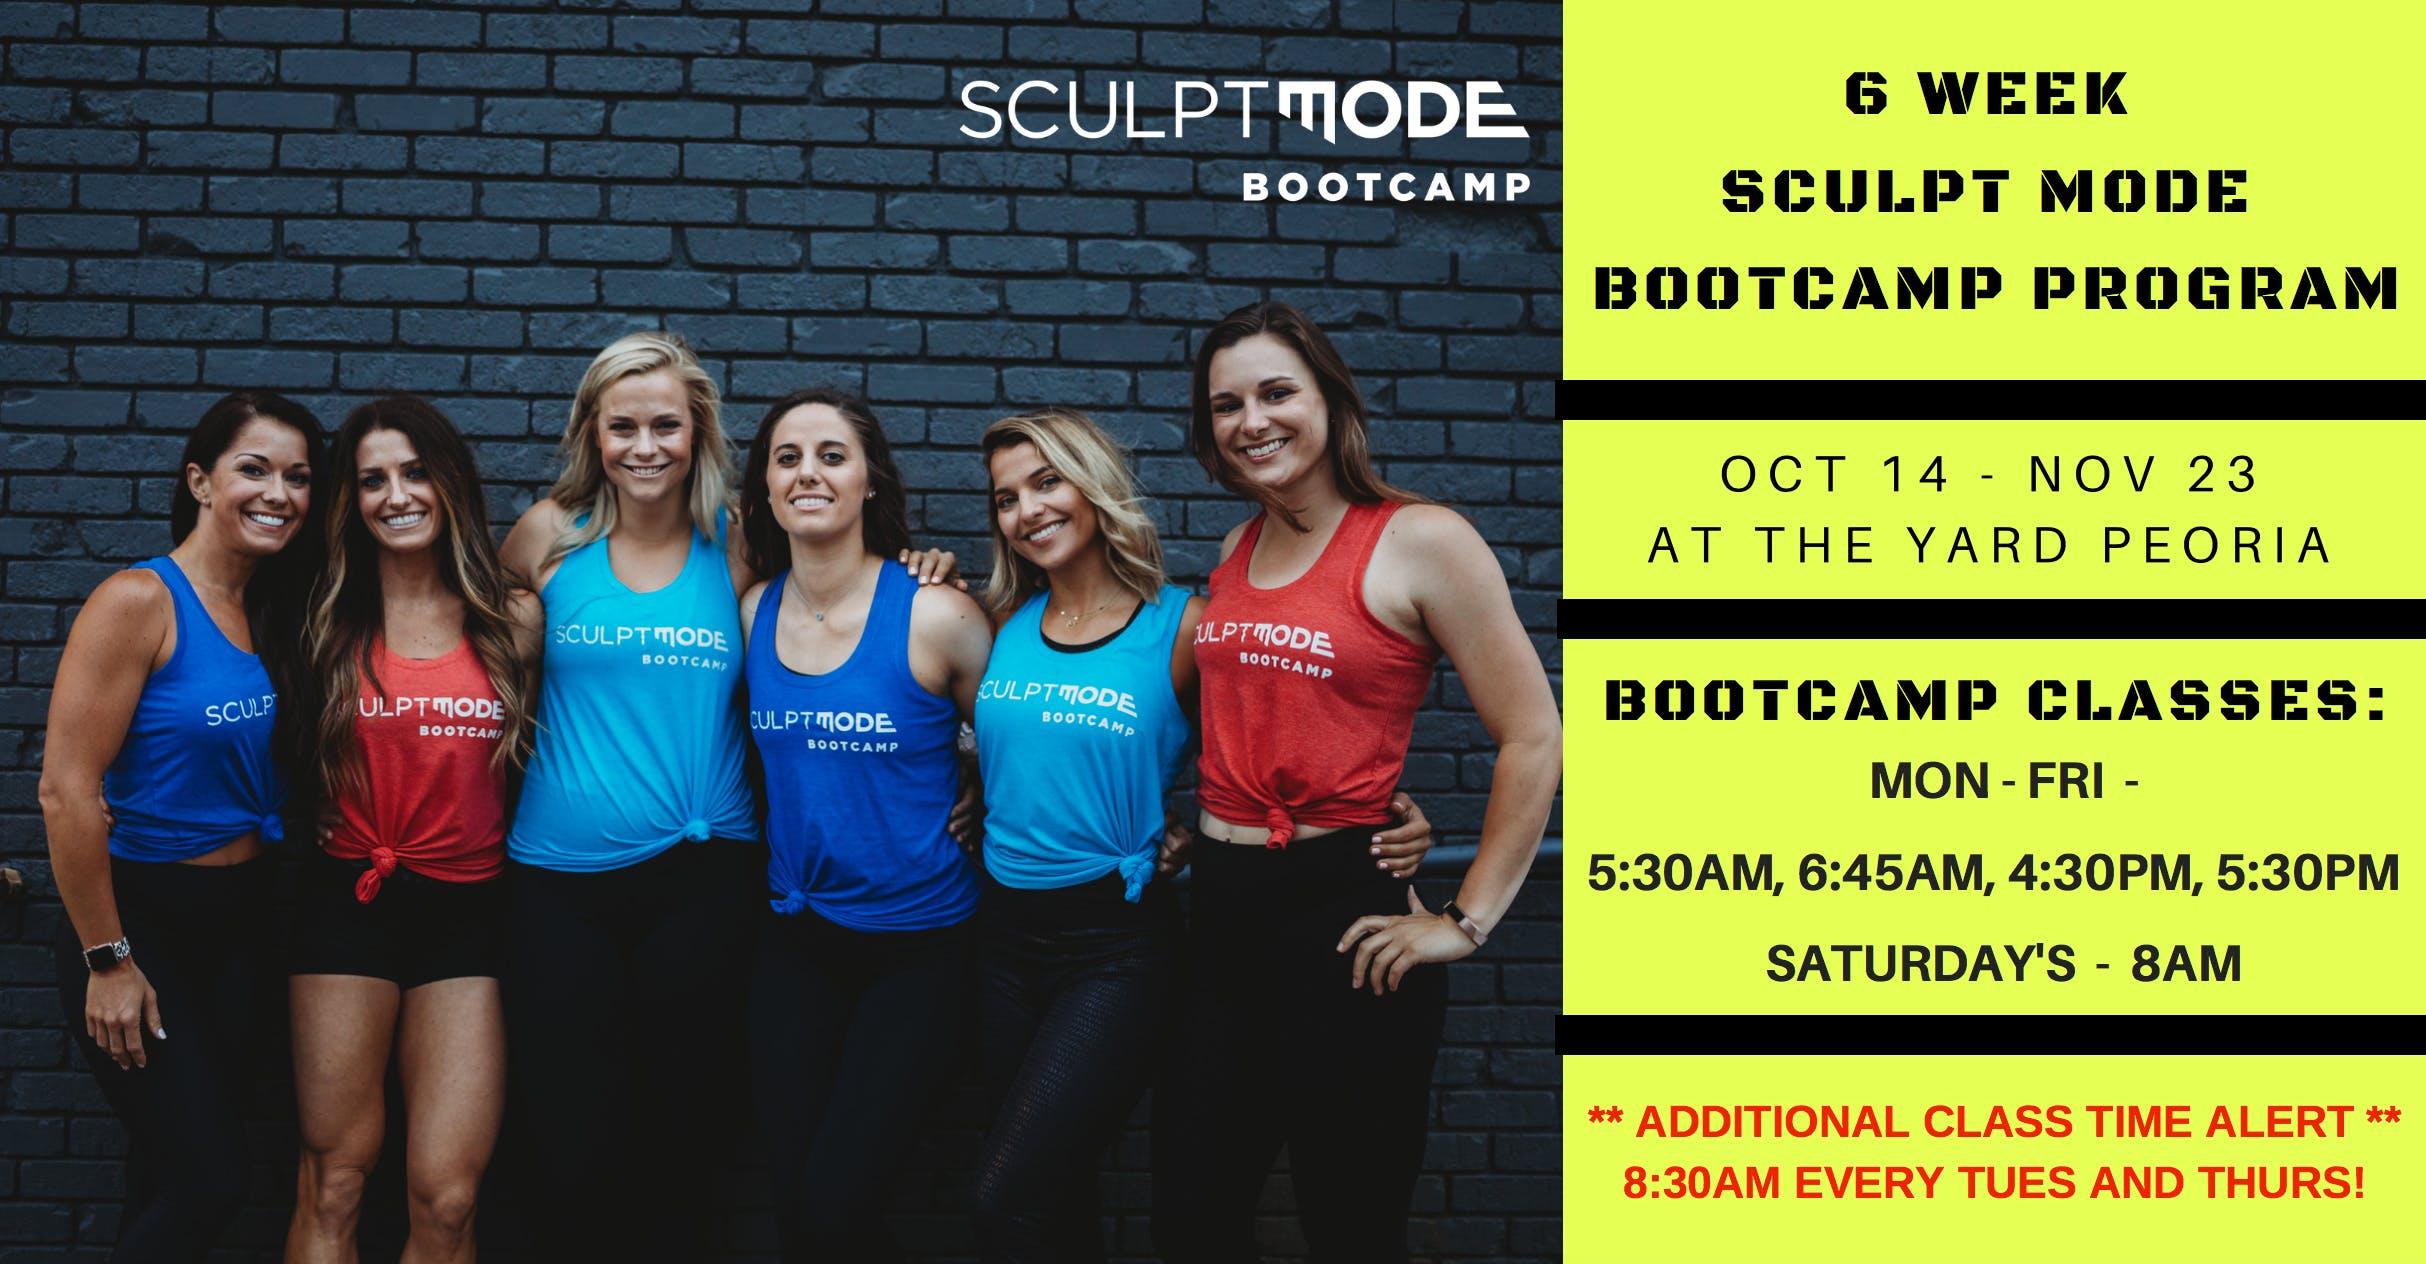 6 Week Sculpt Mode Bootcamp  Oct. 14 - Nov.  23 2019